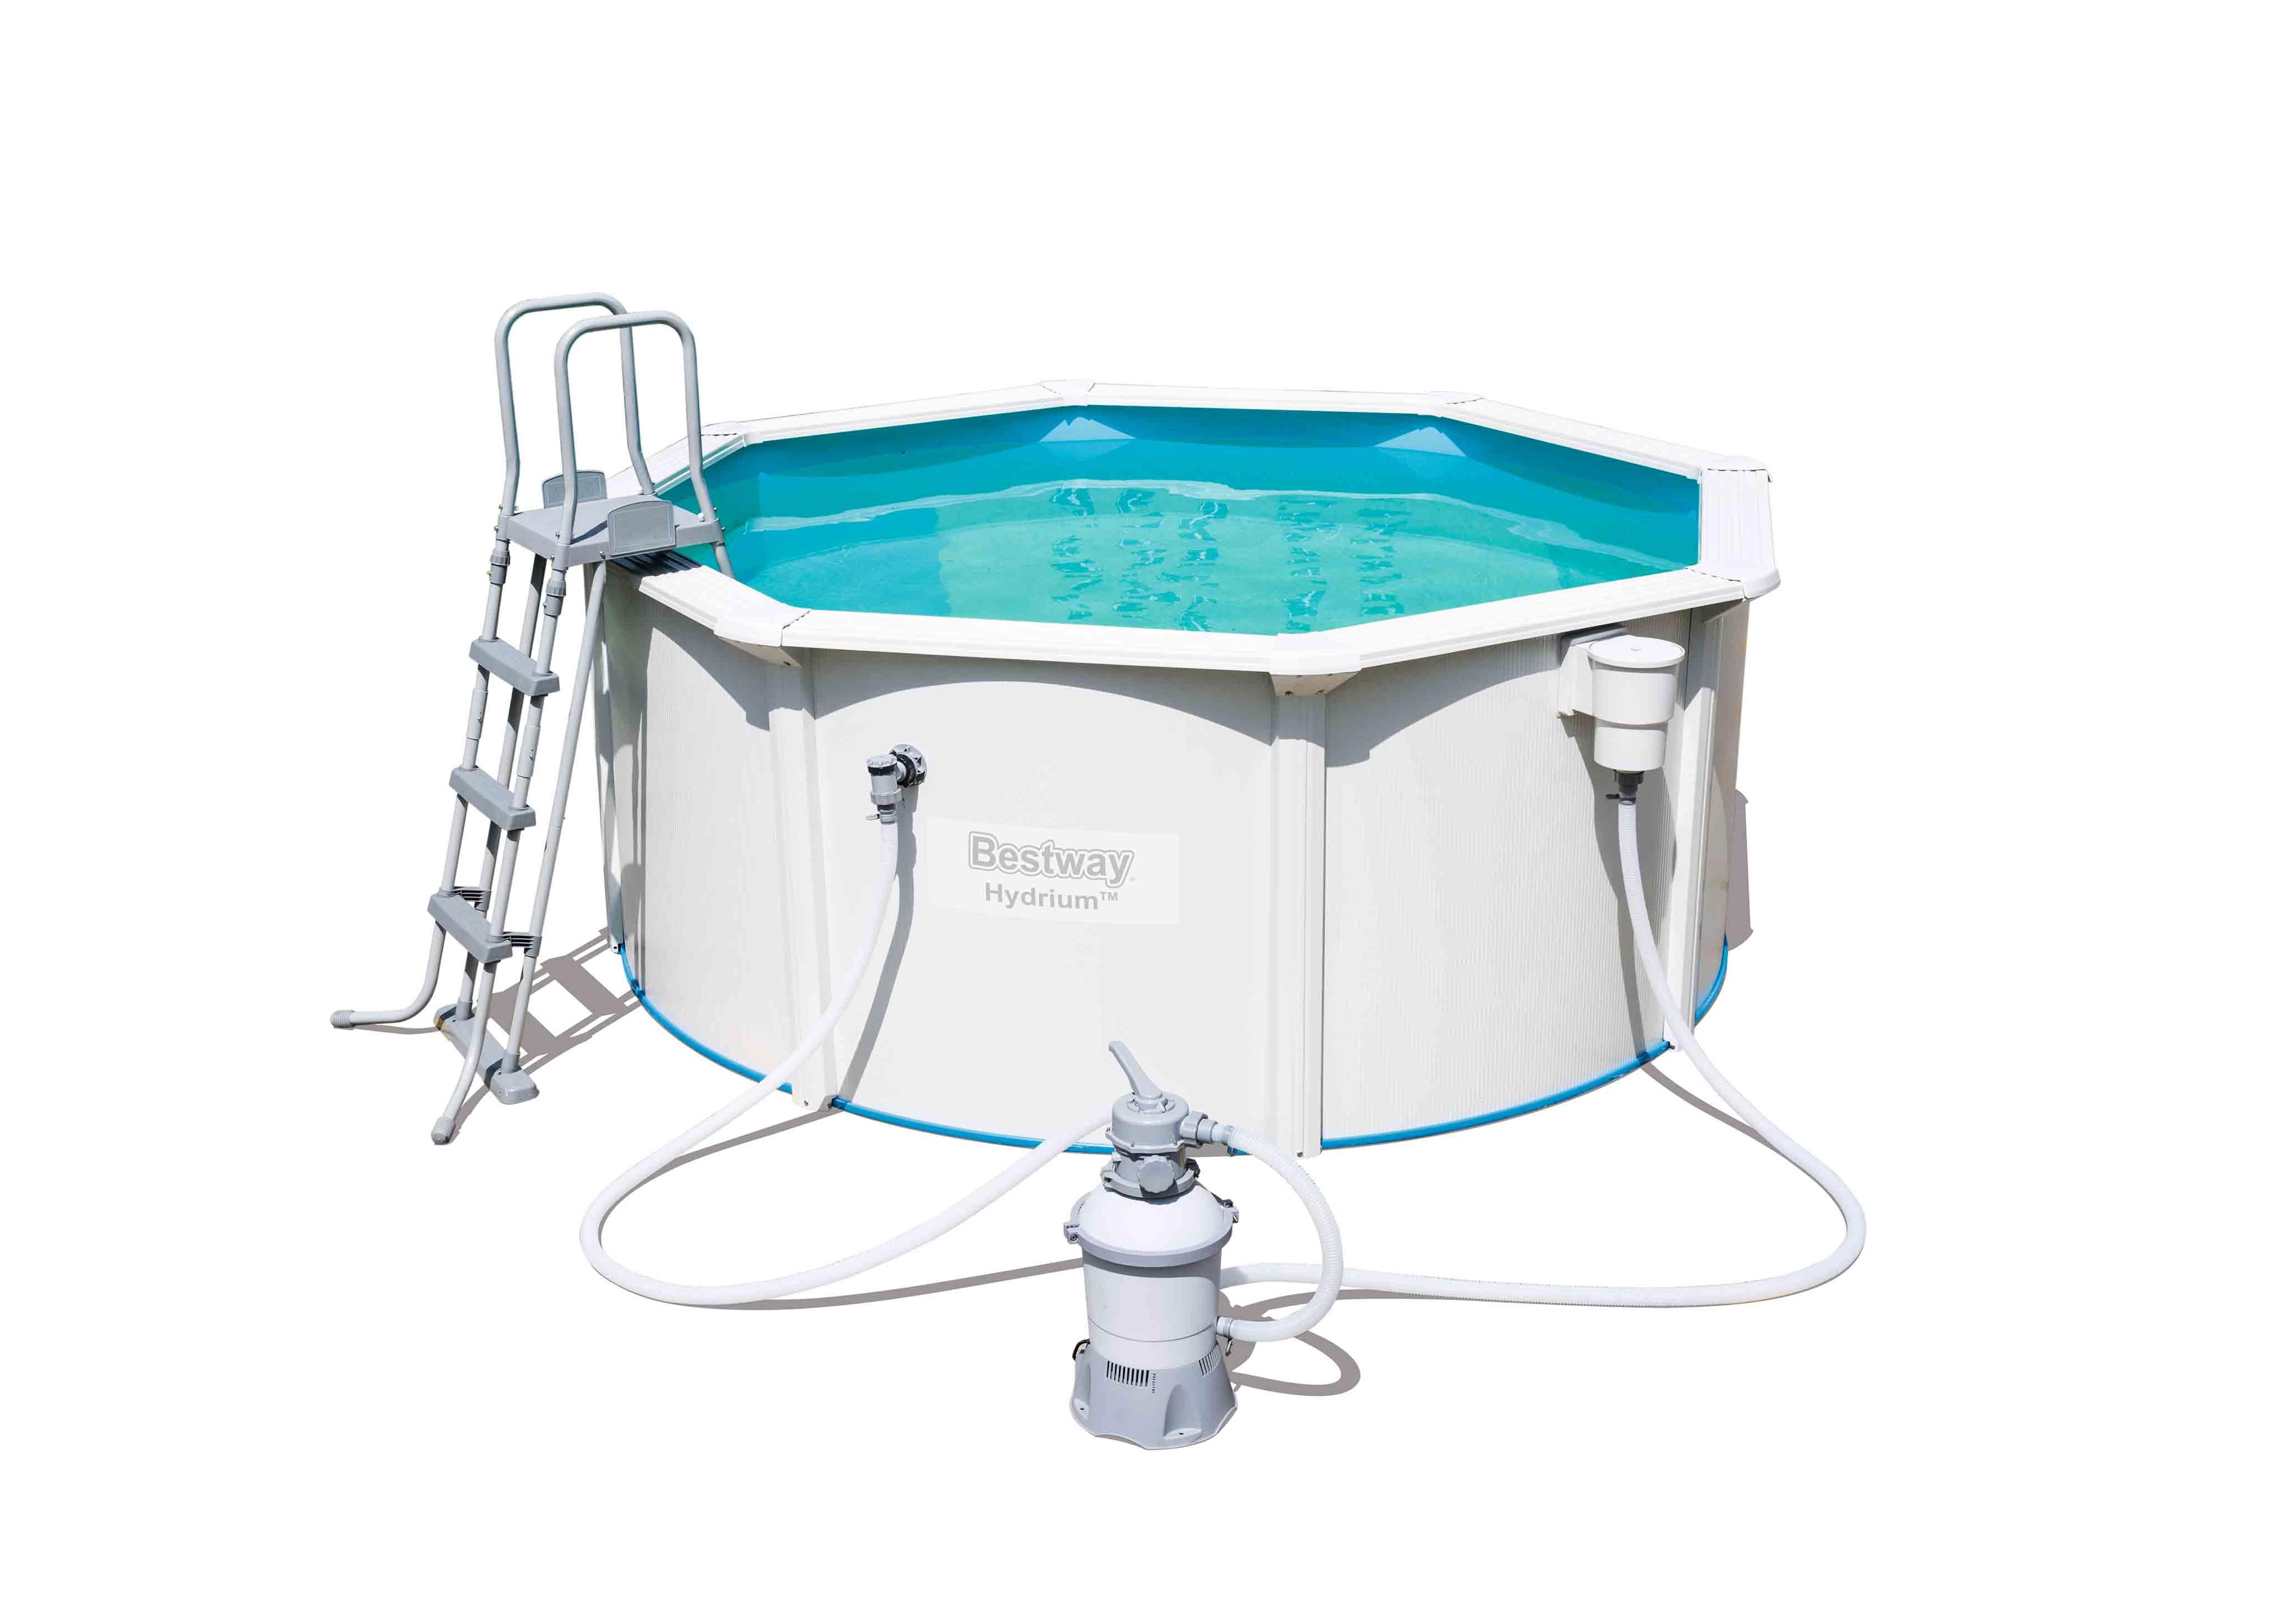 grande piscine hors sol acier bestway avec filtration. Black Bedroom Furniture Sets. Home Design Ideas